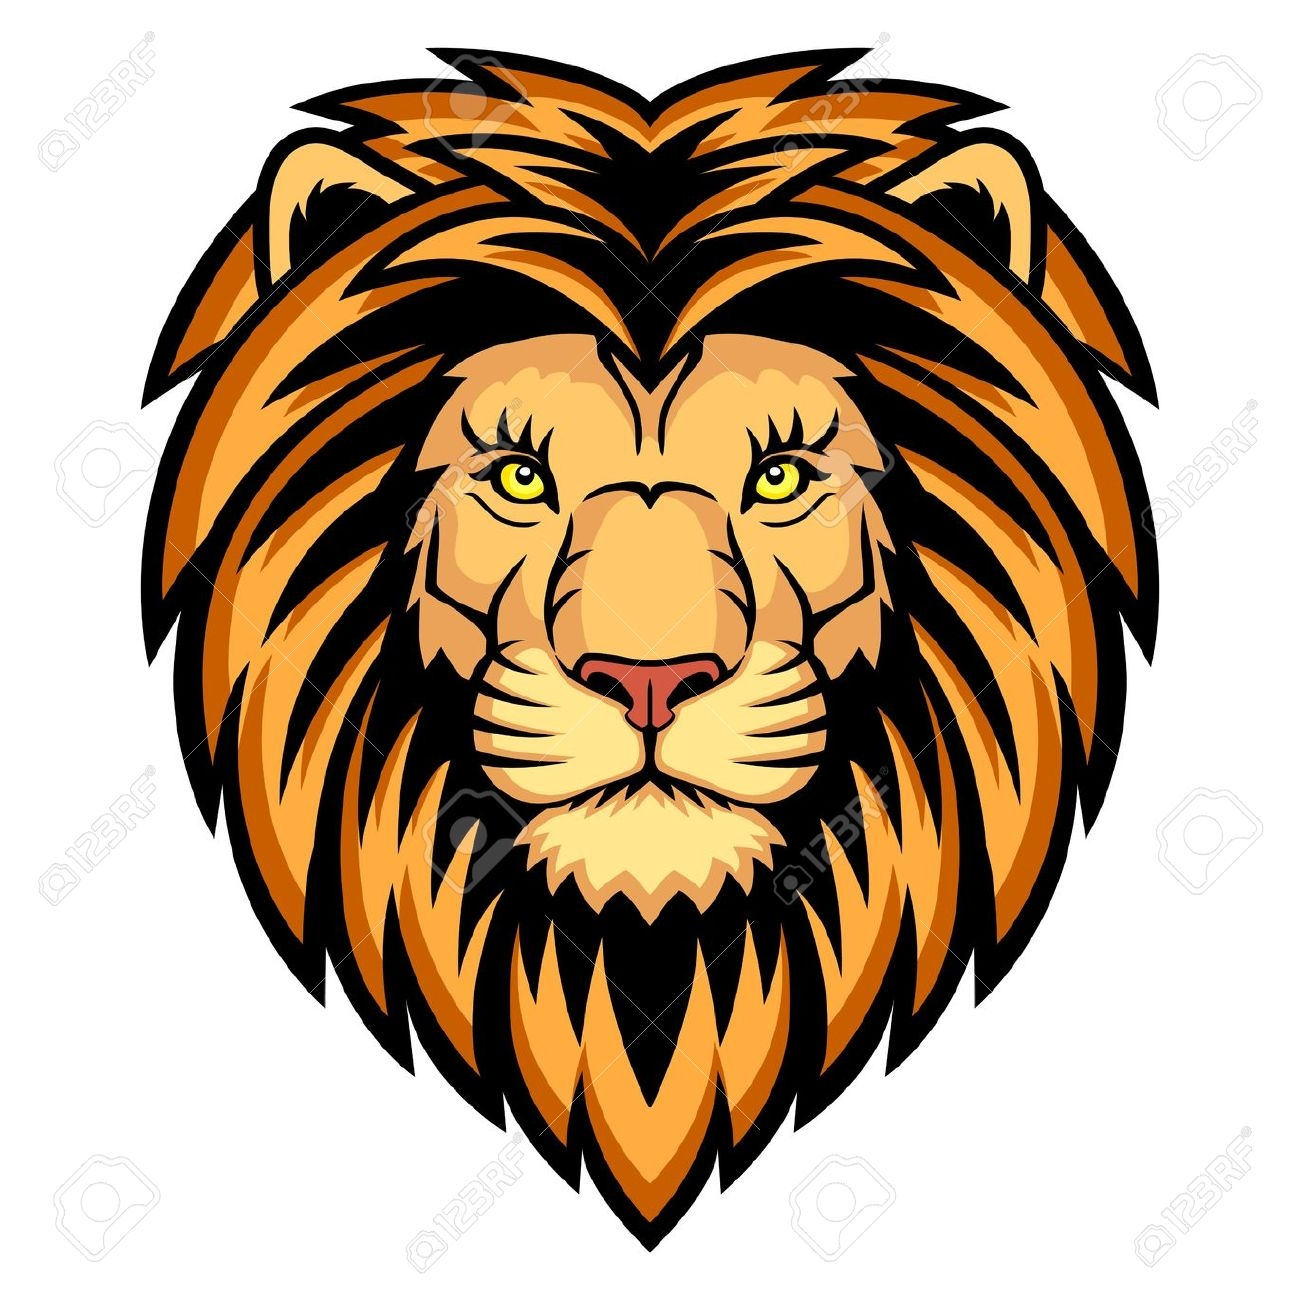 1300x1300 Lion Head Clipart Images